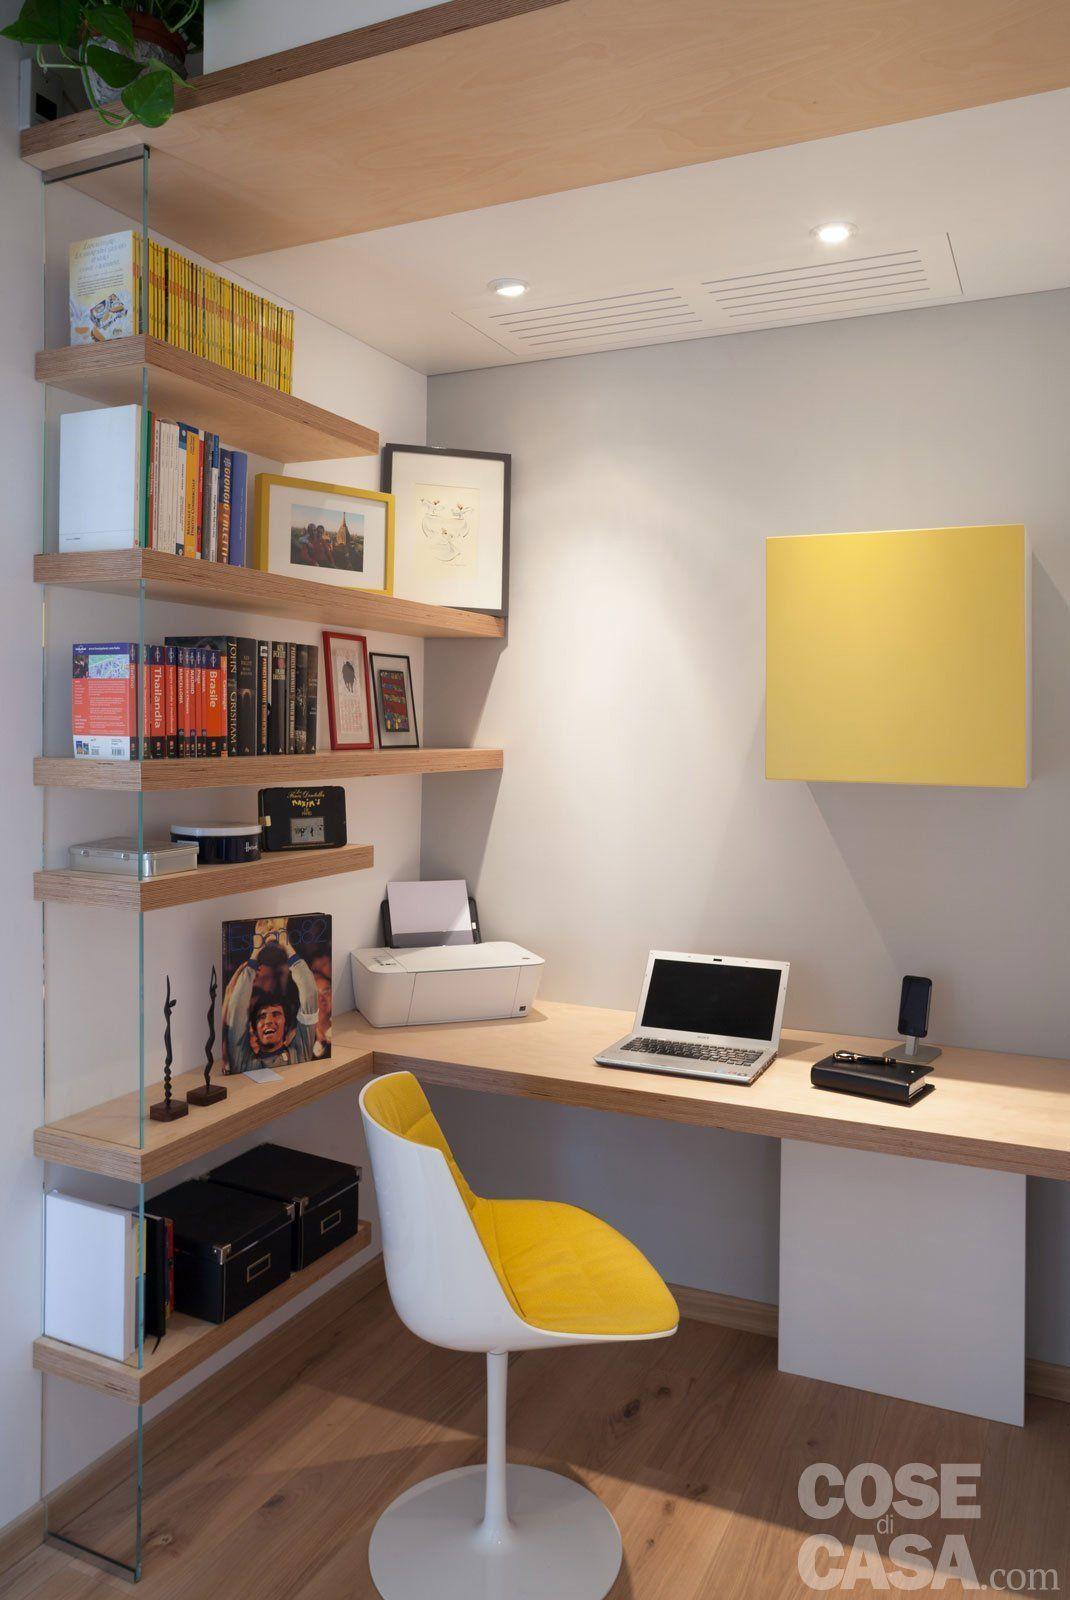 Maxi trilocale design e ispirazioni scandinave per la casa di 125 mq